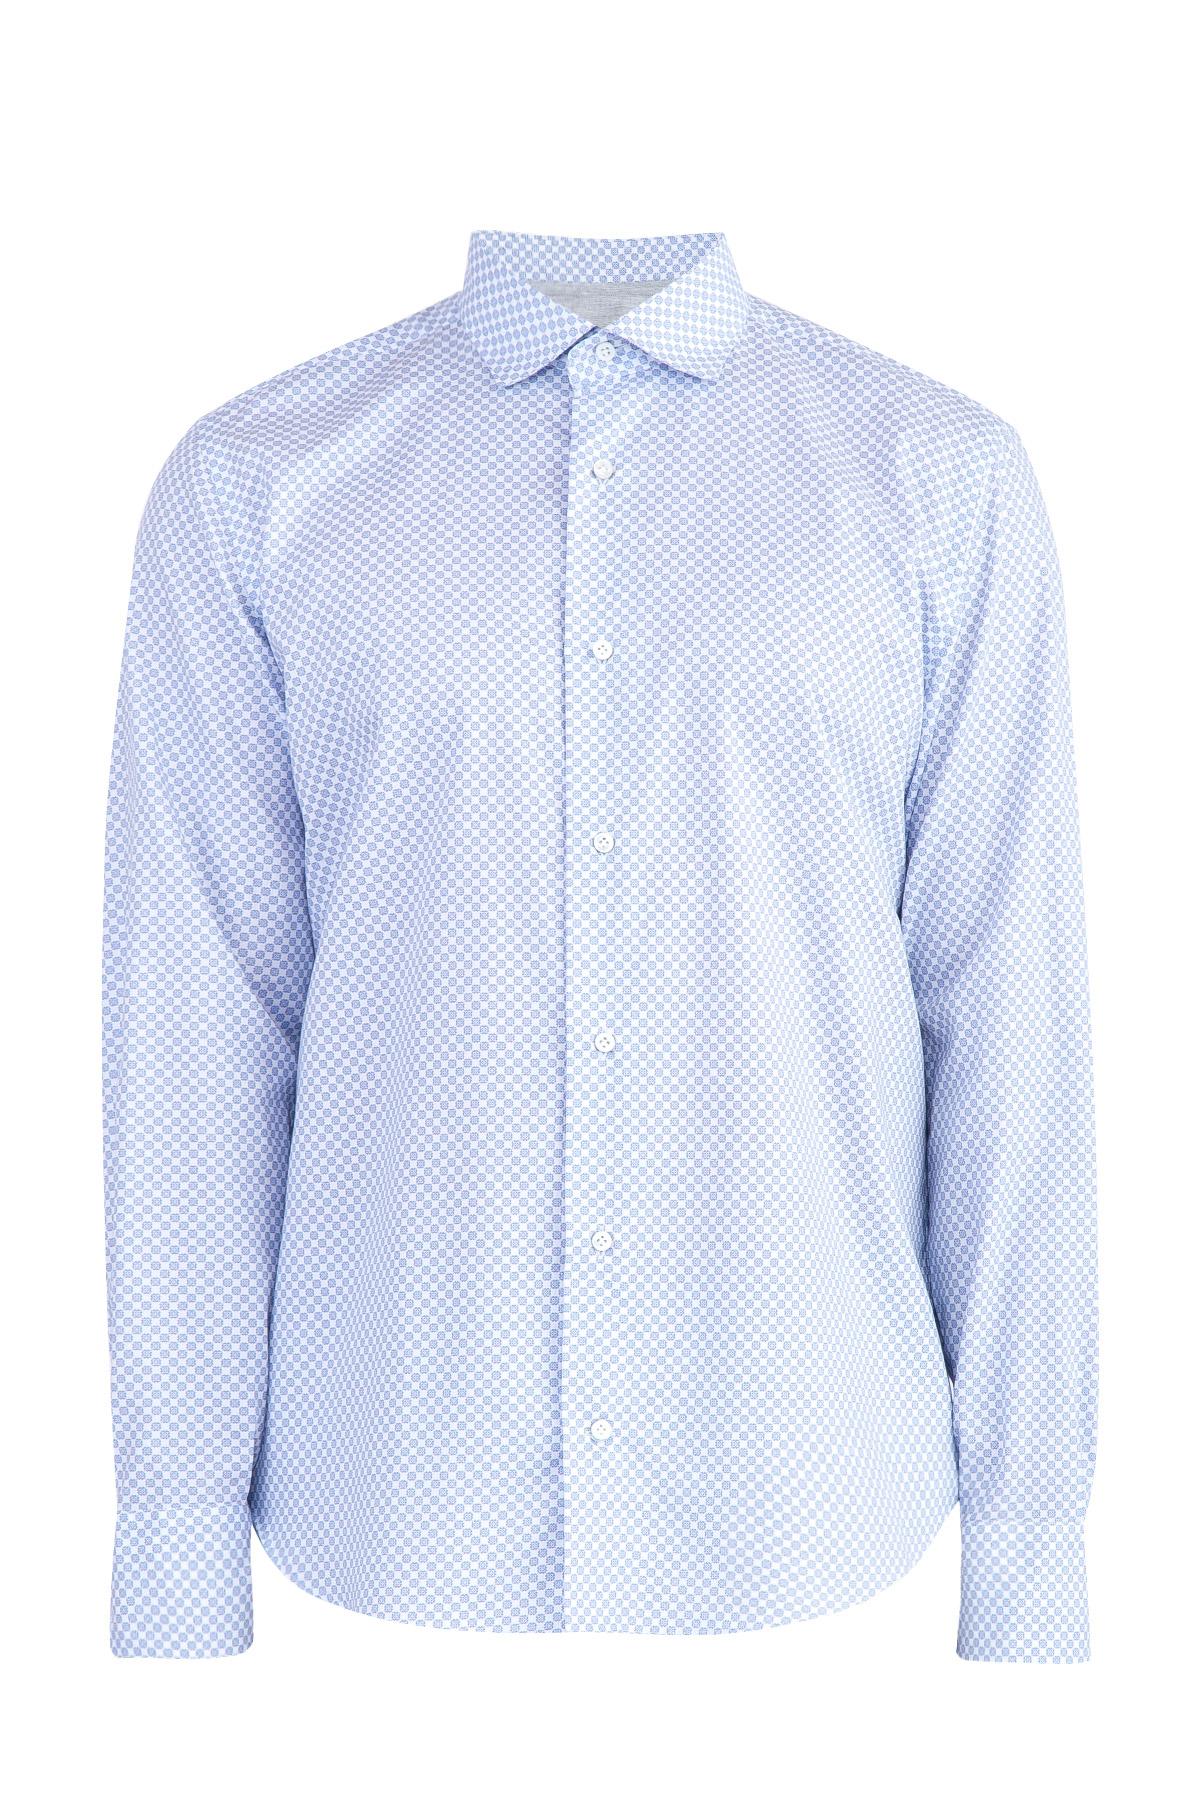 Купить Рубашка, ELEVENTY, Италия, хлопок 100%